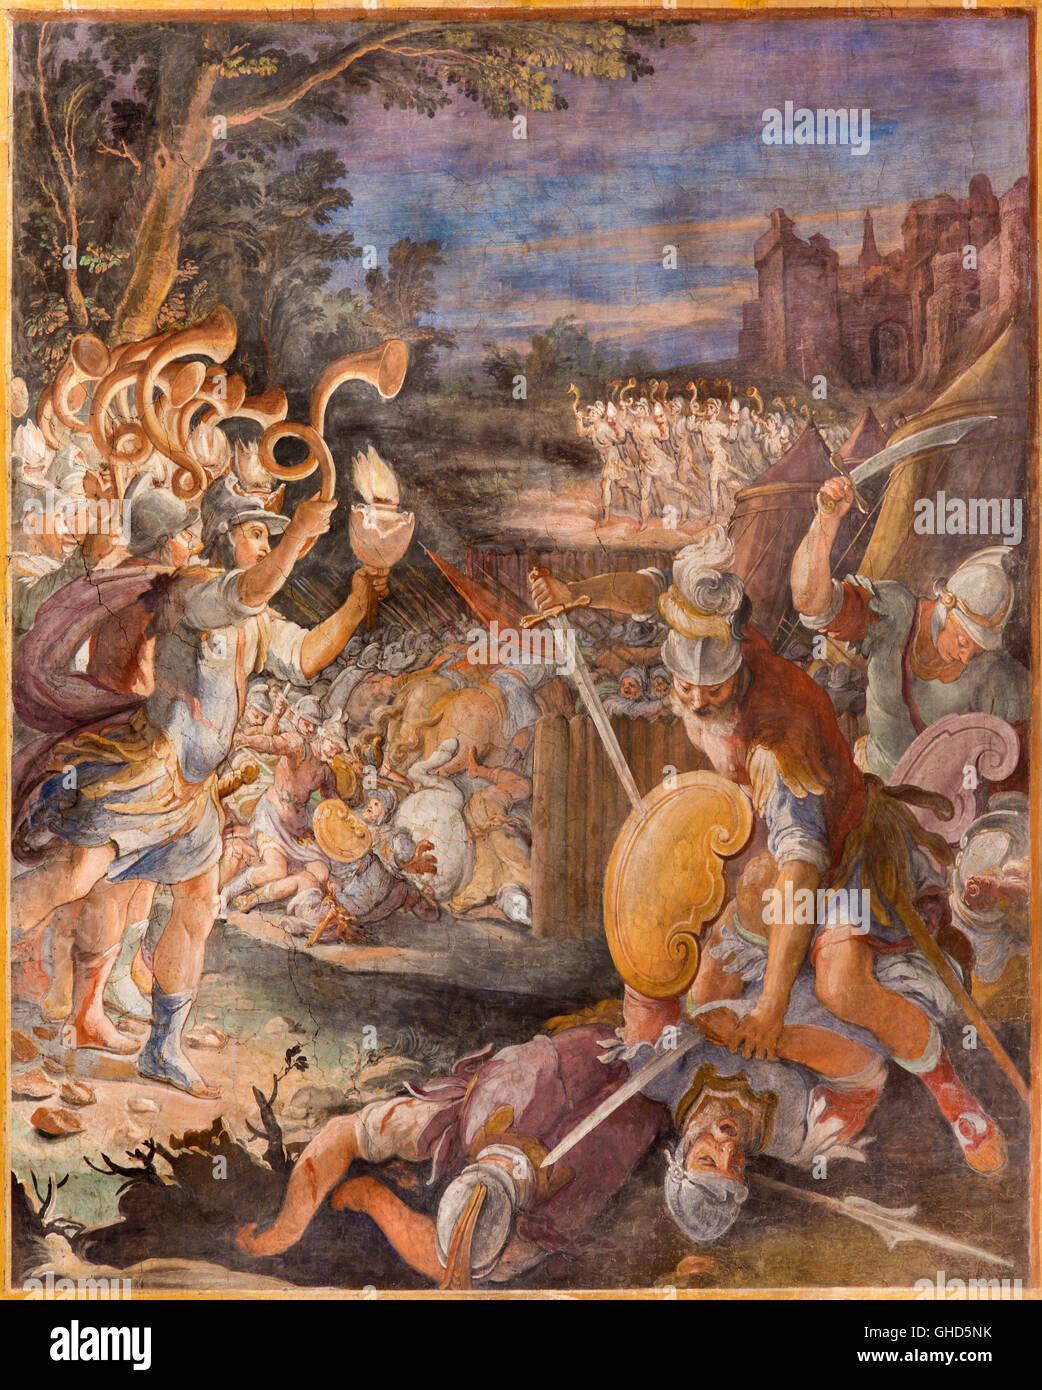 ROME, ITALY - MARCH 11, 2016: The fresco The Battle of Jericho in church Basilica di San Vitale by Tarquinio Ligustri - Stock Image